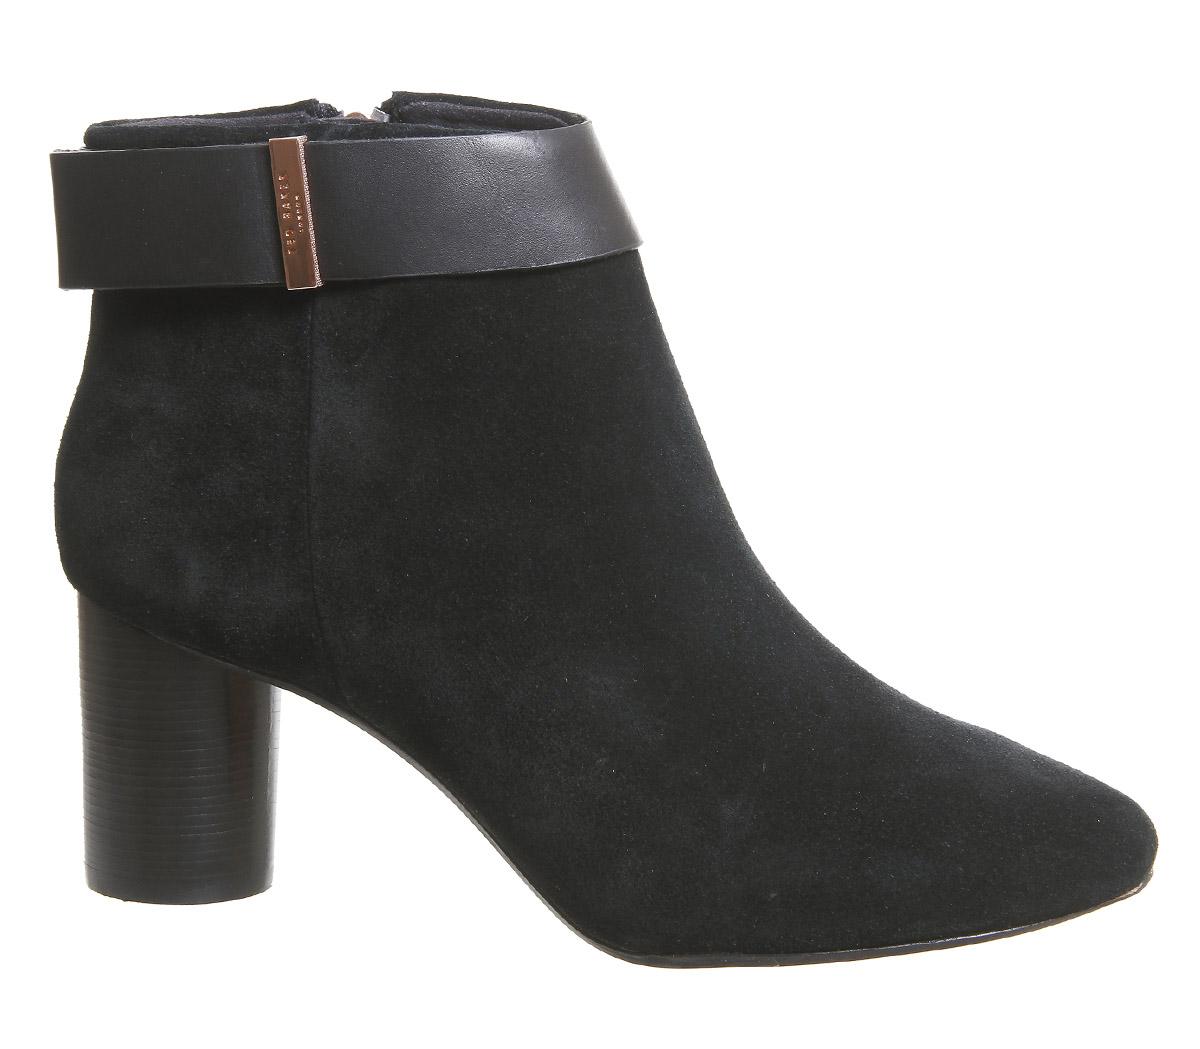 Détails sur Chaussures femme Ted Baker mharia Bottines Bottes Noires afficher le titre d'origine